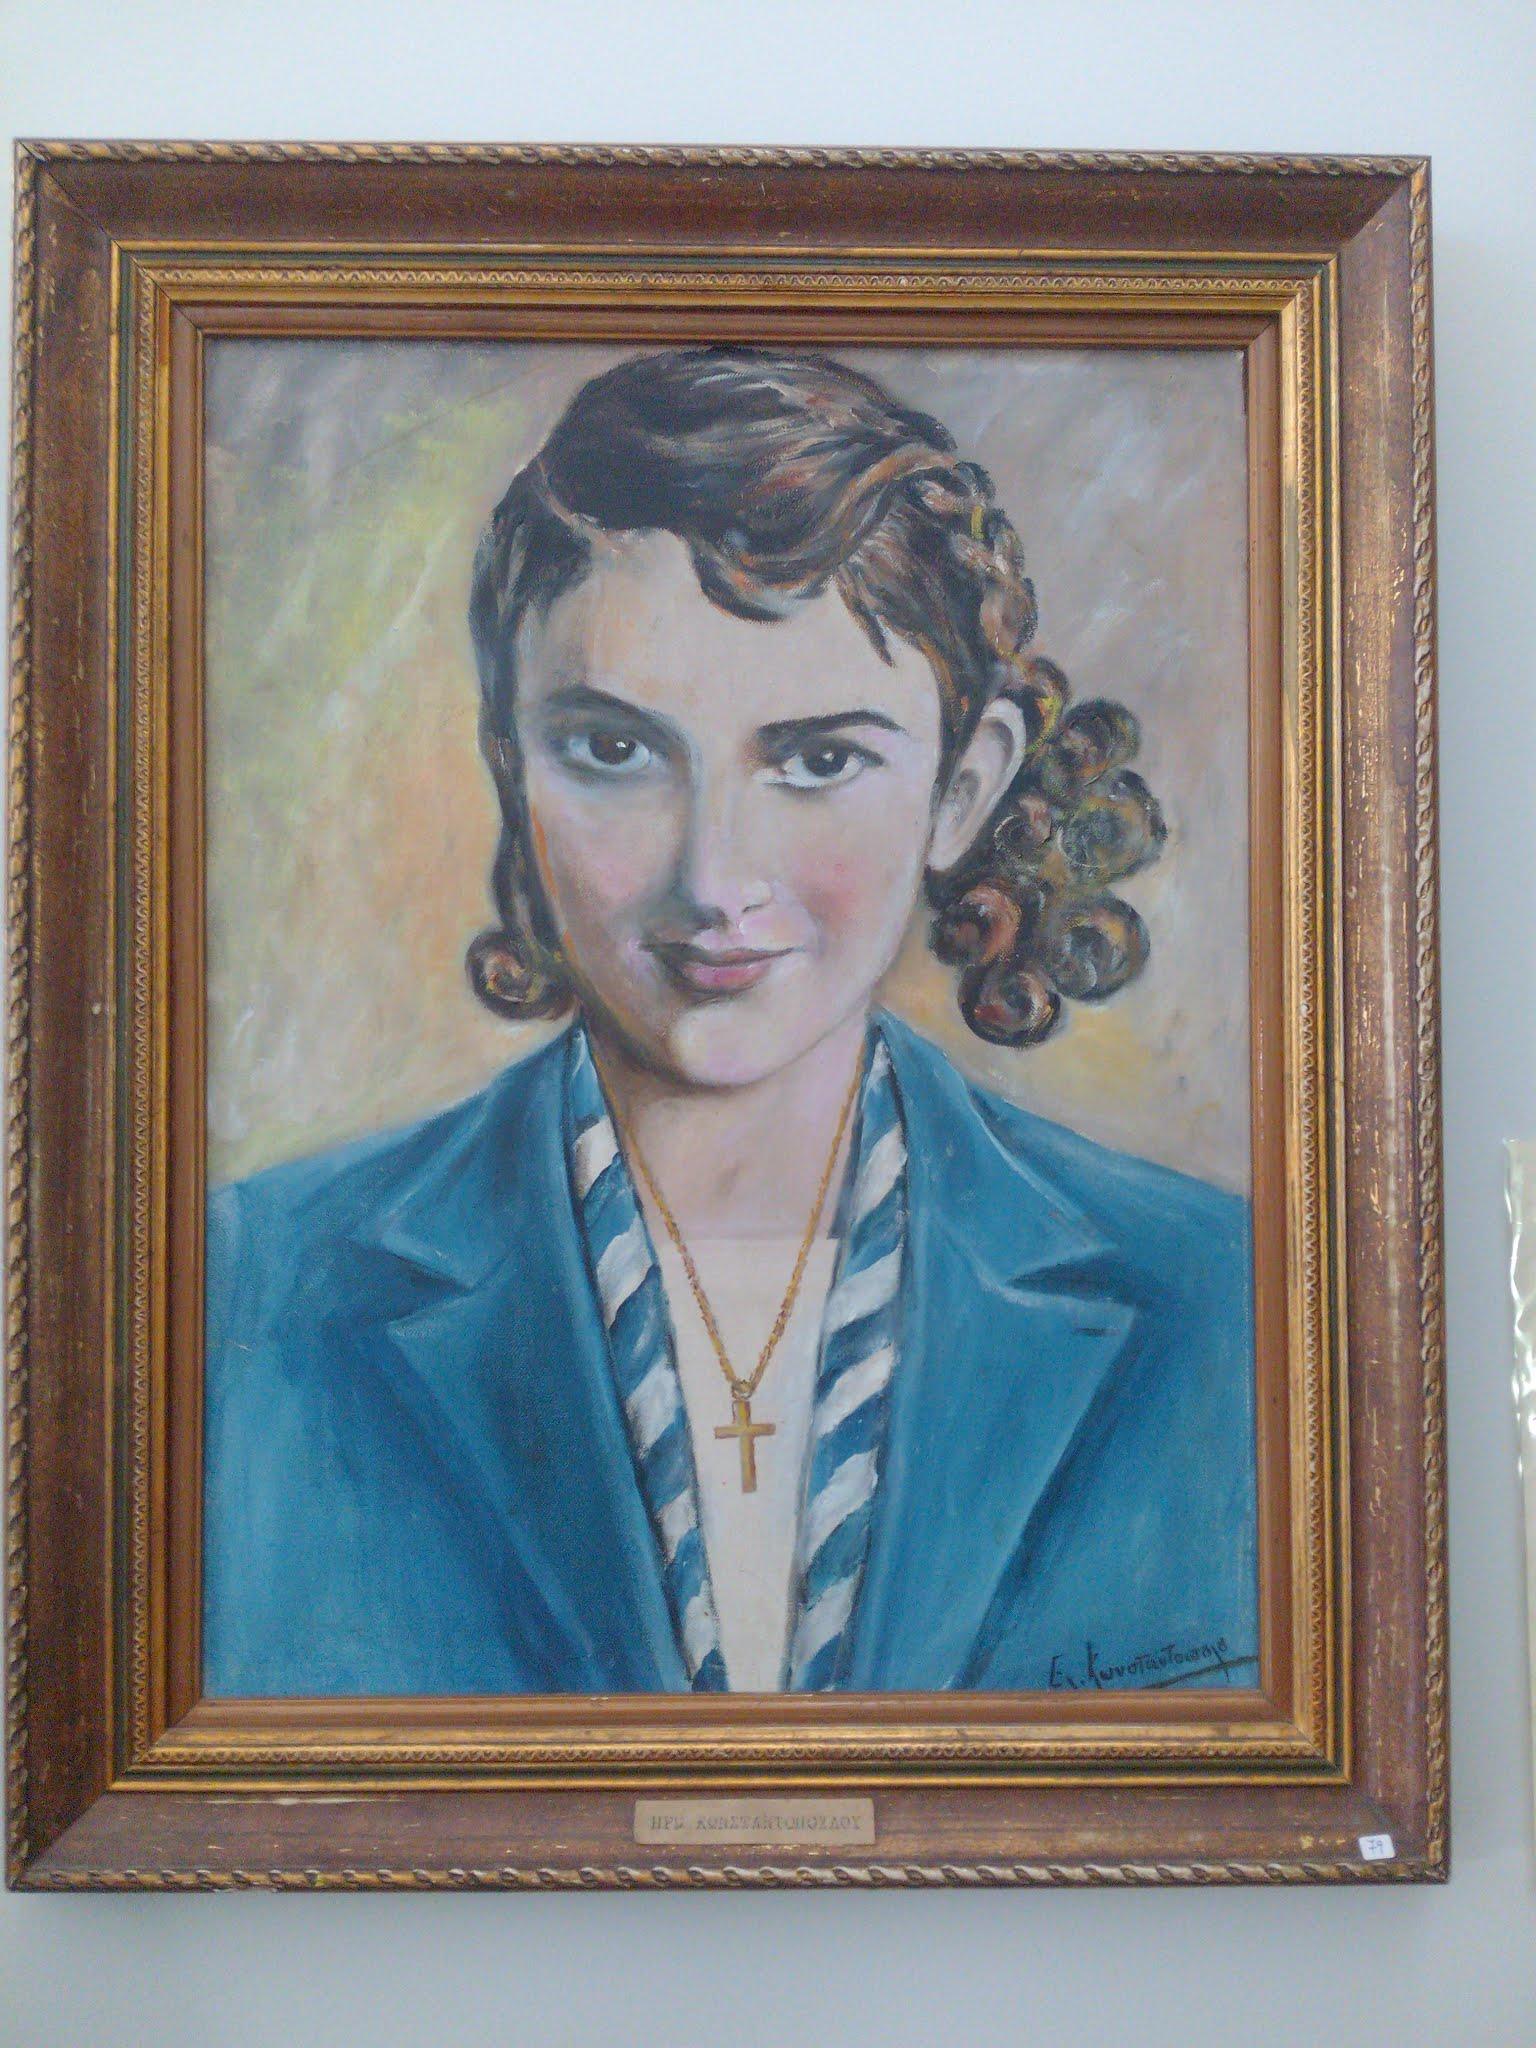 Πηγή εικόνας: presspublica.gr | Πορτραίτο της Ηρώς Κωνσταντοπούλου, έργο της μητέρας της, Ελένης Κωνσταντοπούλου, Μουσείο Εθνικής Αντίστασης, Ηλιούπολη.